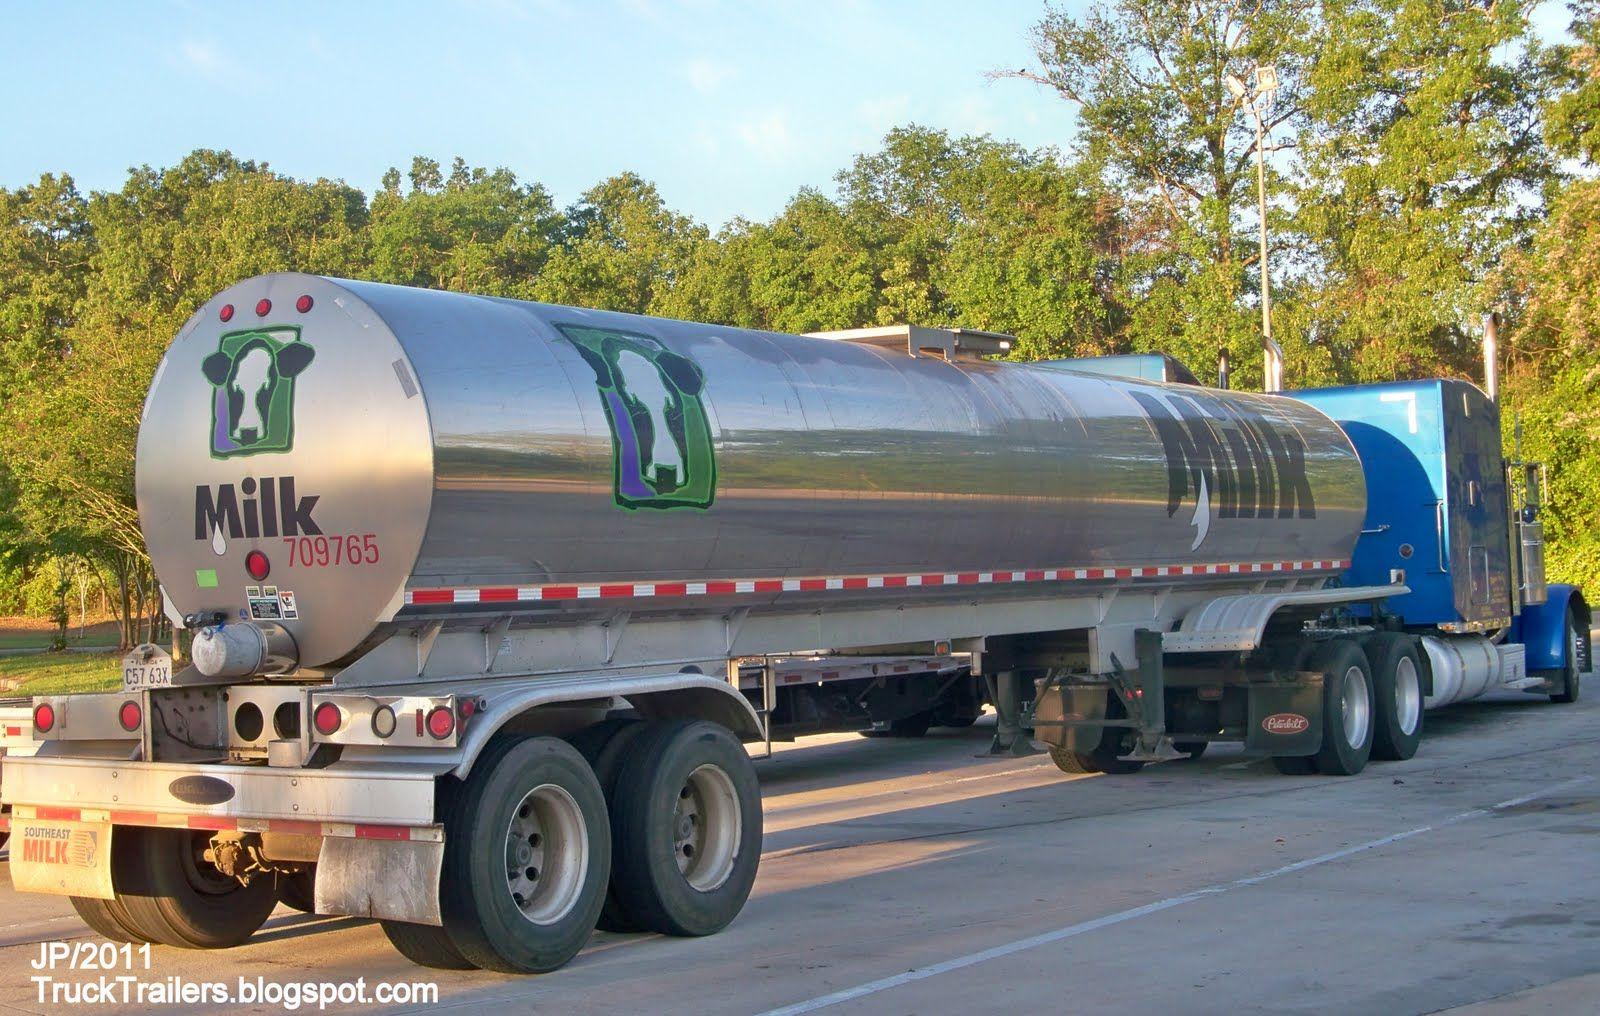 Southeast Milk Truck Florida Tanker Bellview Fl Drink Florida